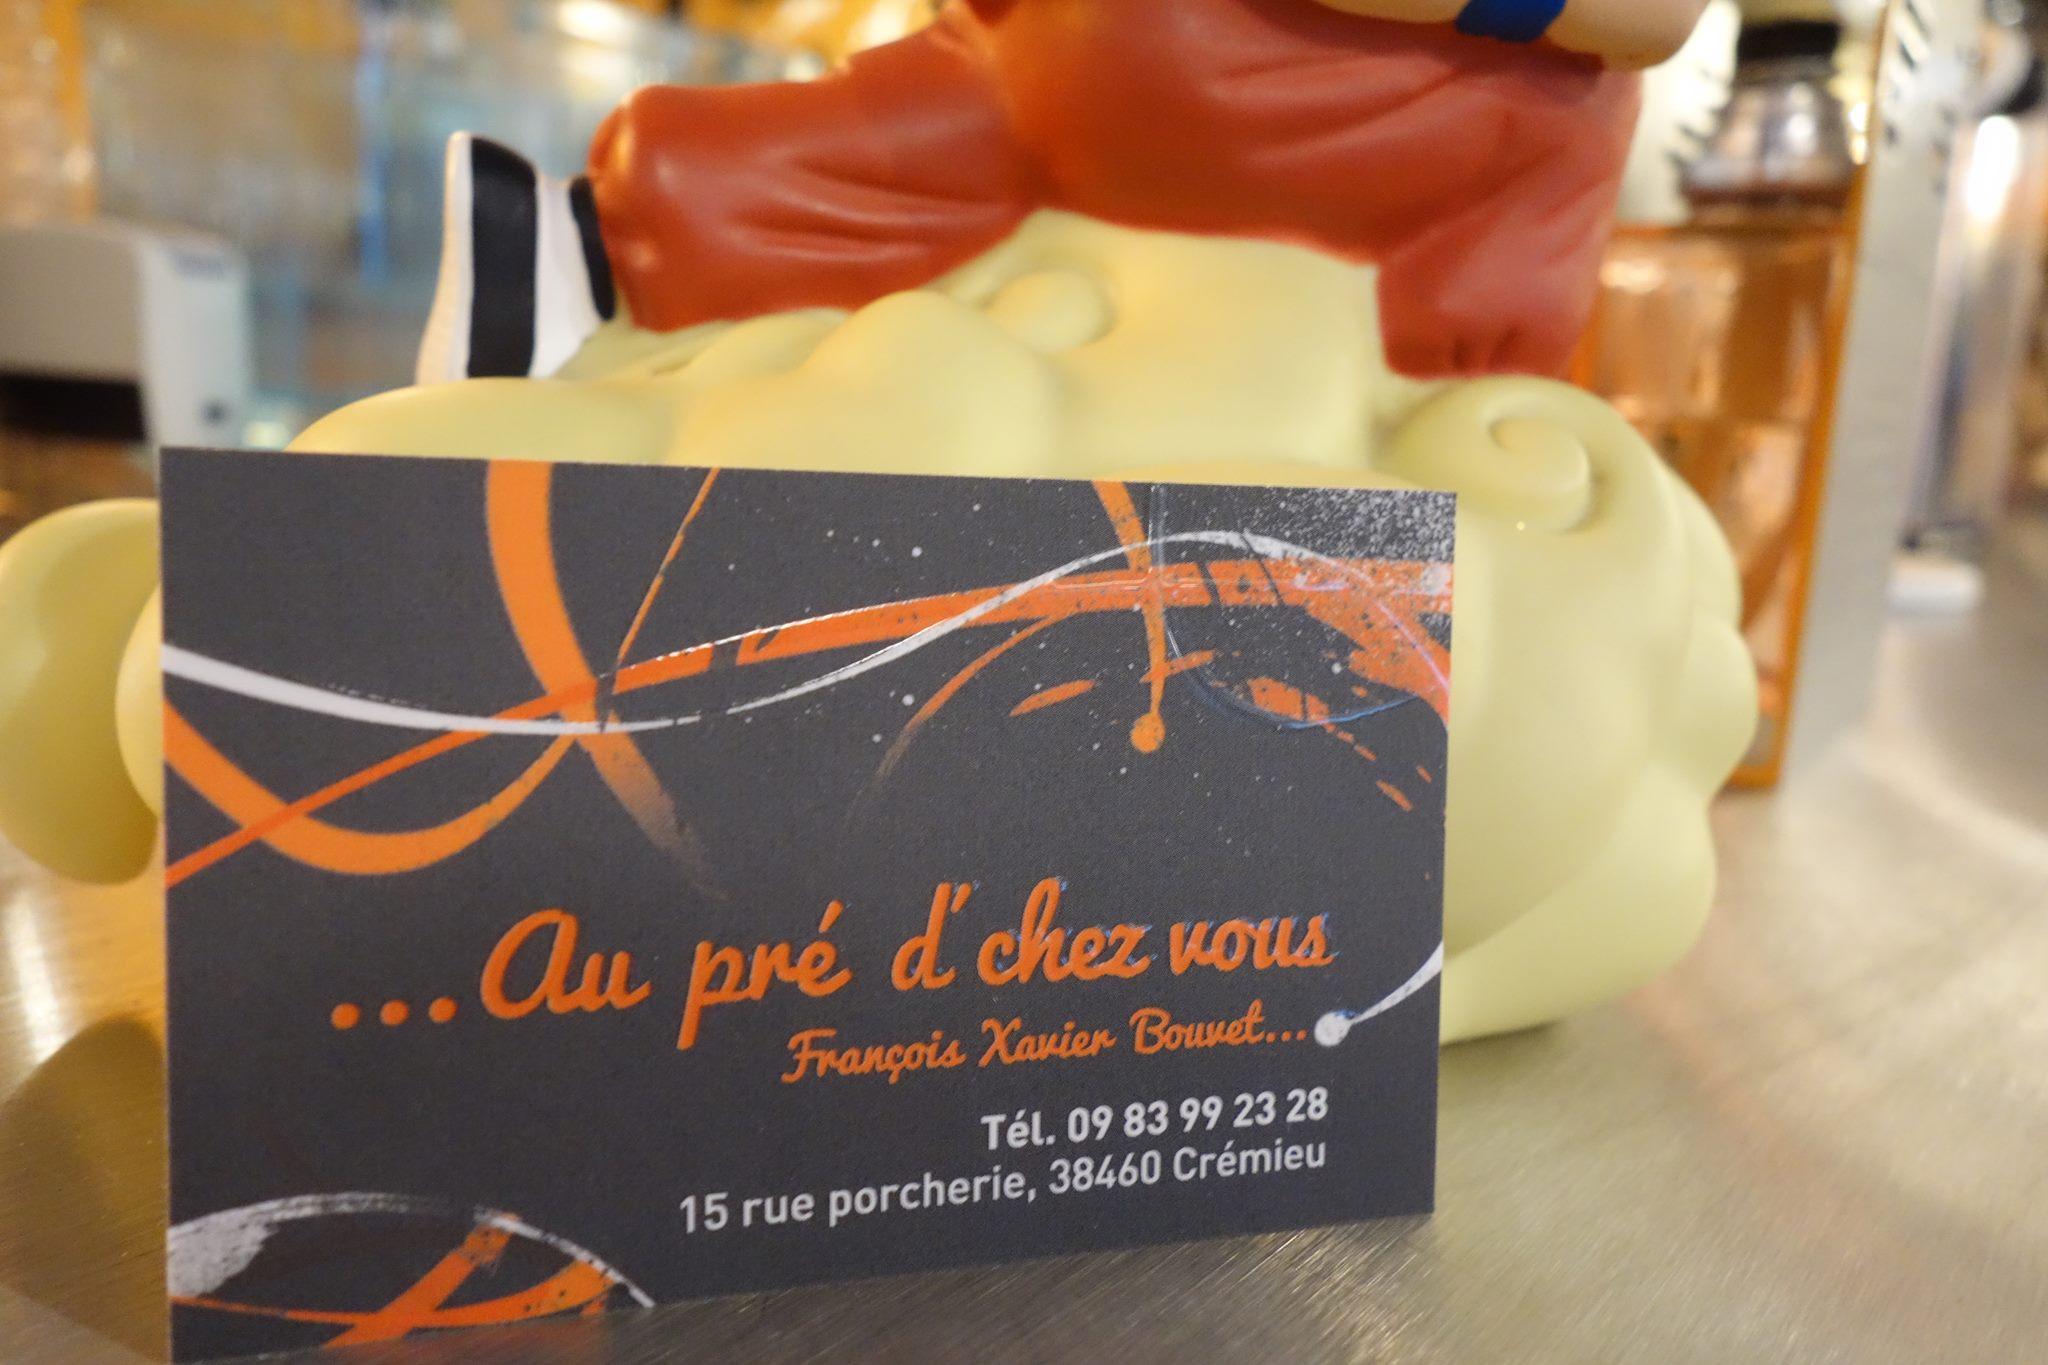 Adhérent AU PRE D'CHEZ VOUS - photo #8993